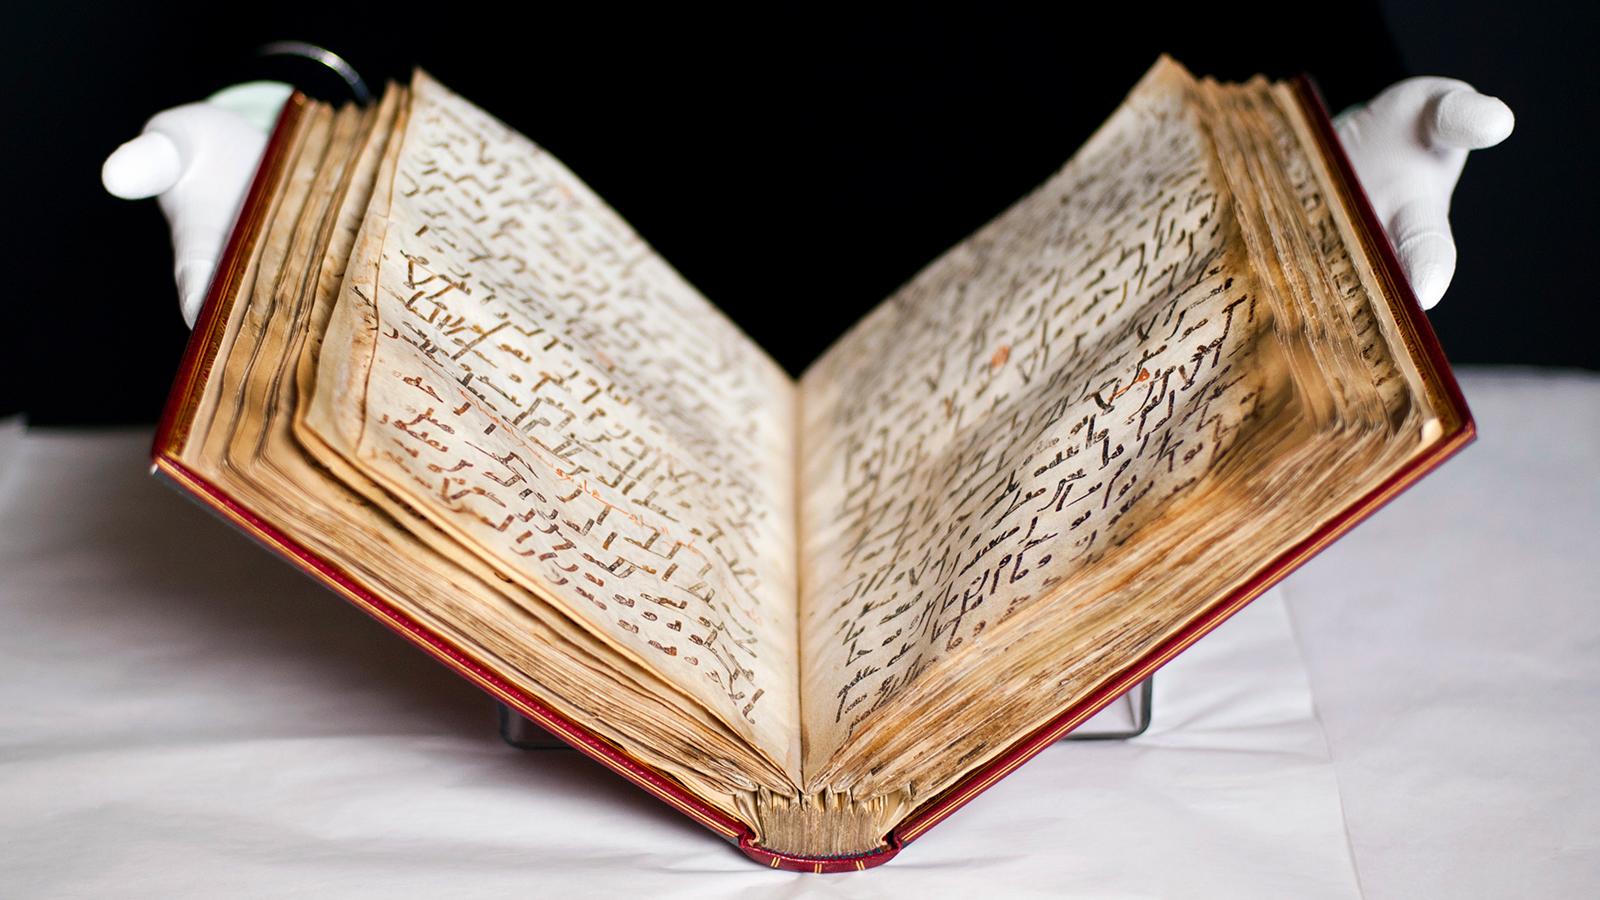 يهودي يكتب القرآن ومسيحي ينسخ تفسير الطبري ومؤلفات بخطوط نسائية.. الوراقون وصناعة الكتاب في الحضارة الإسلامية 171cc240-d3e7-4215-8630-48453e2f9512